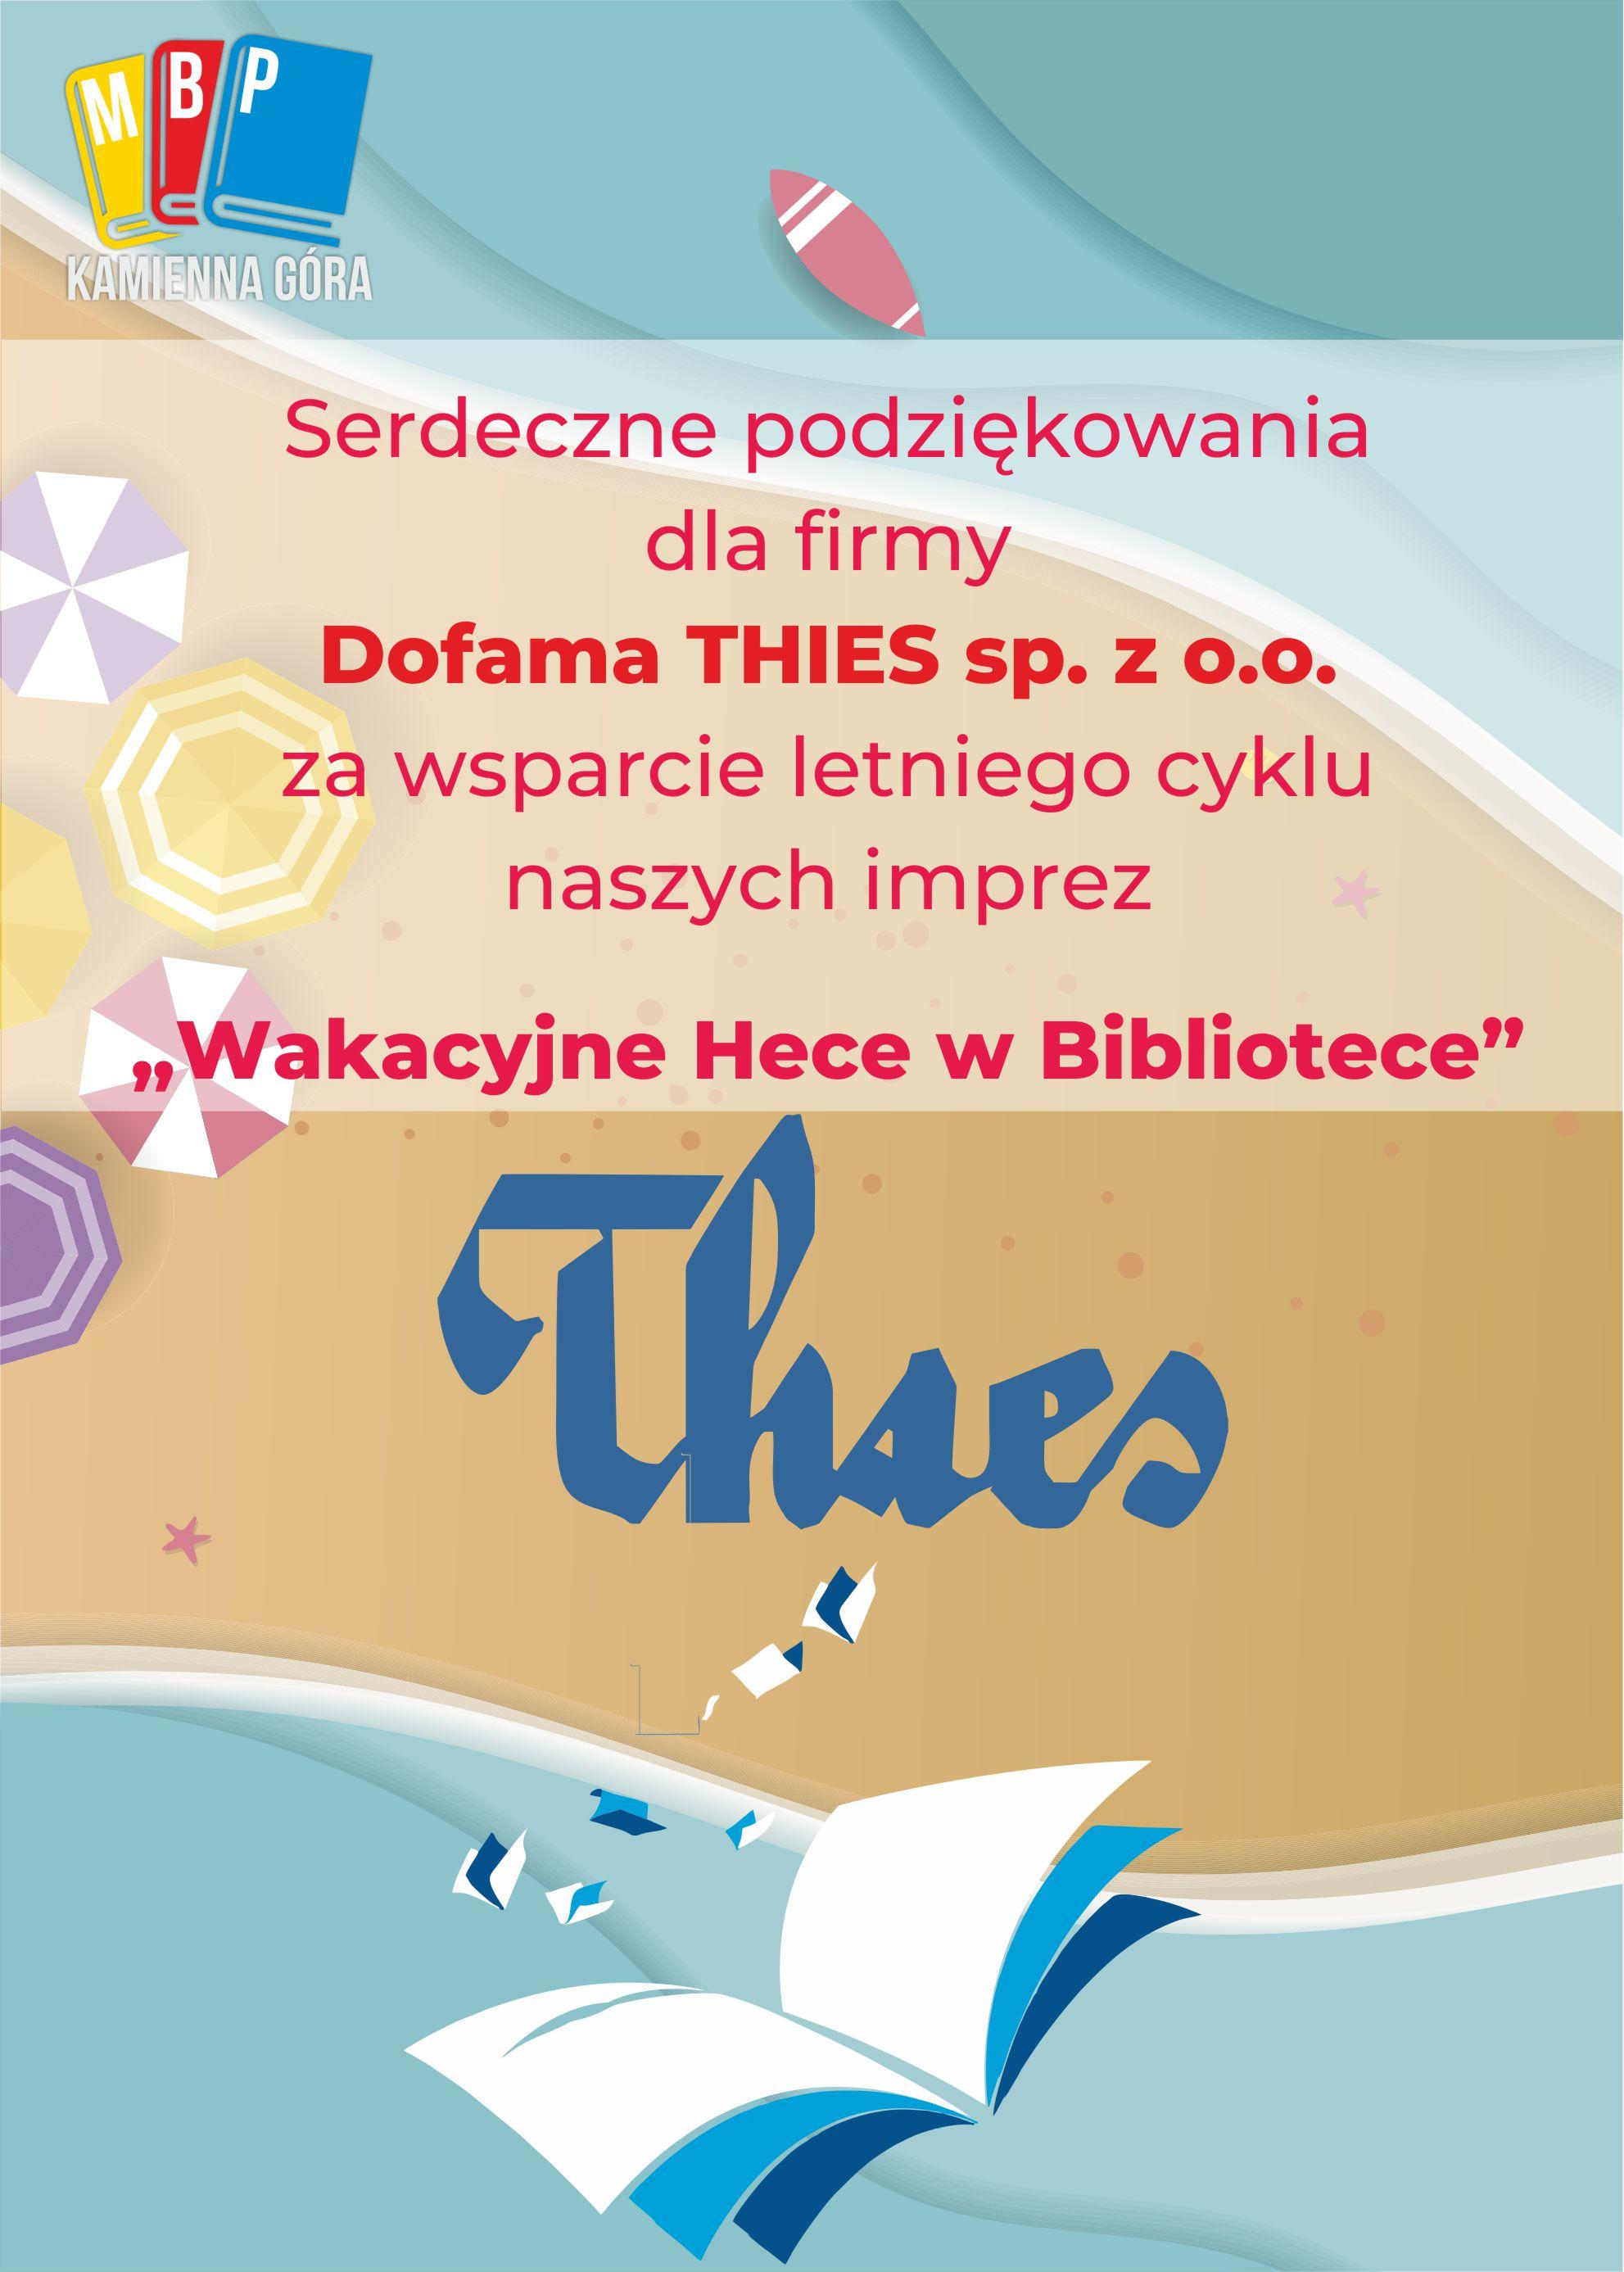 Podziękowania dla dofama thies